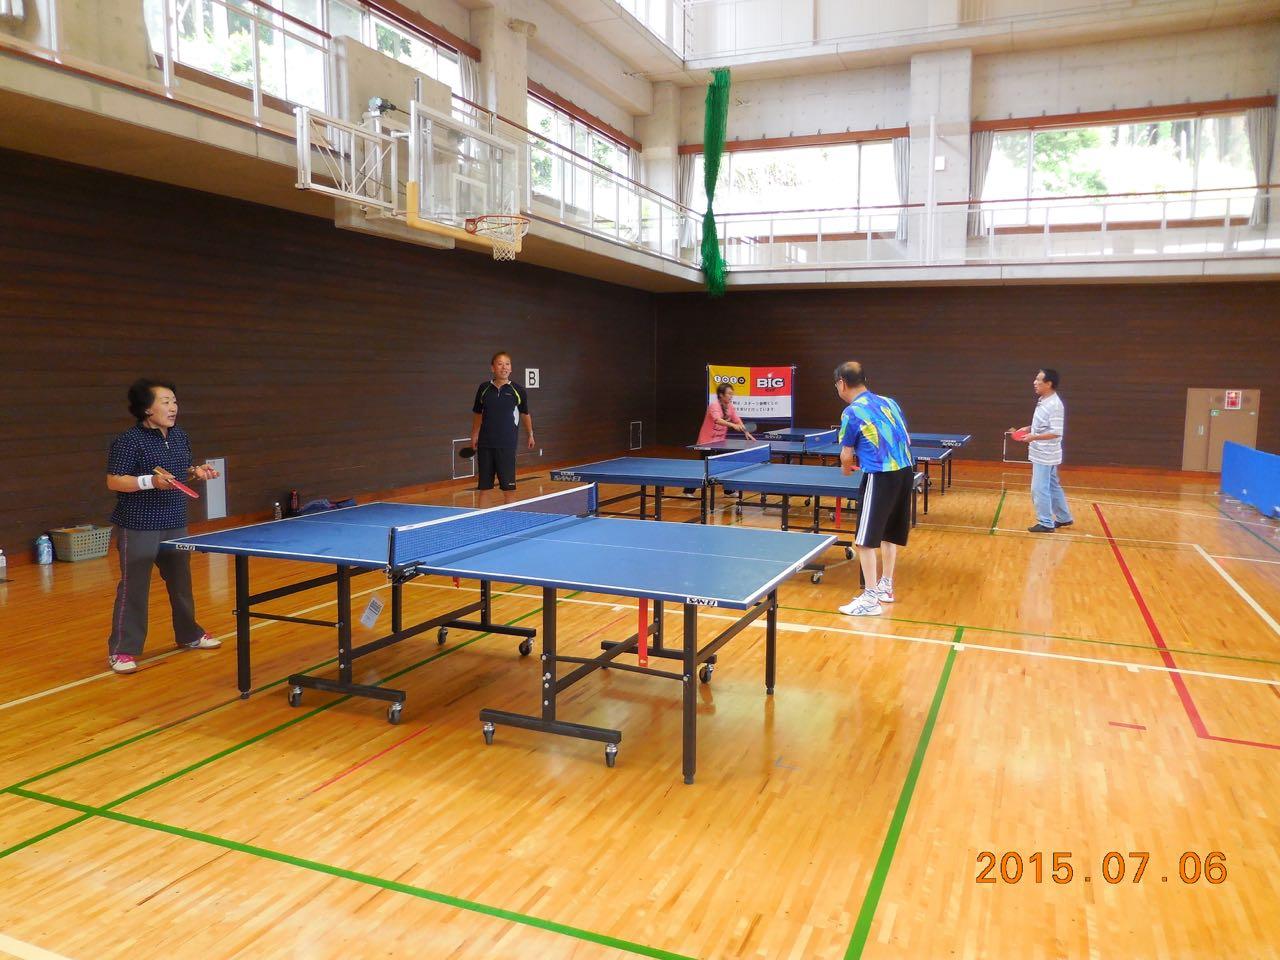 2015-07-06 ニュースポーツ教室 005